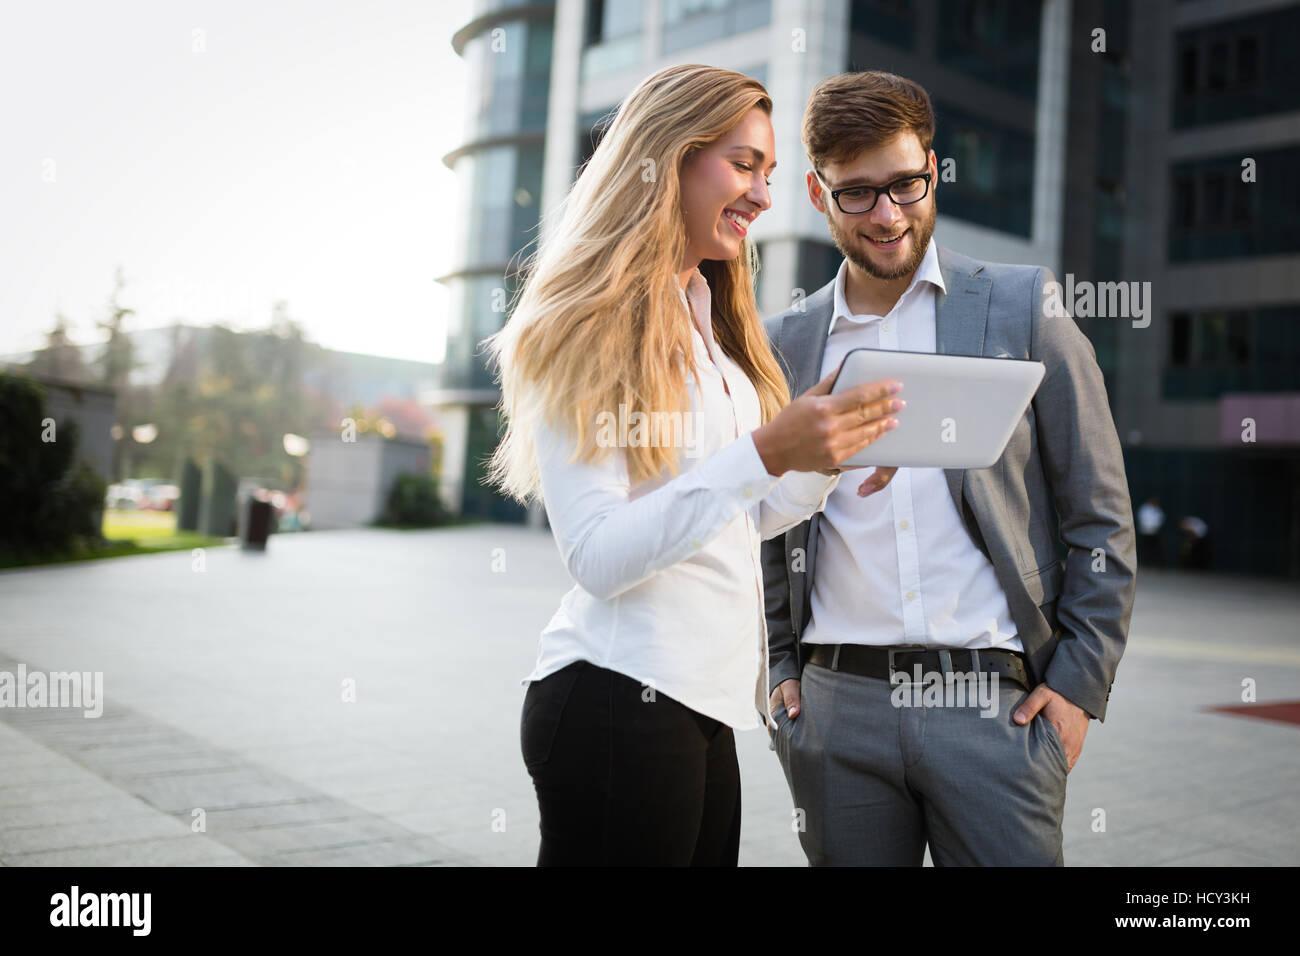 Compañeros de trabajo hablando en exteriores y con tablet Imagen De Stock